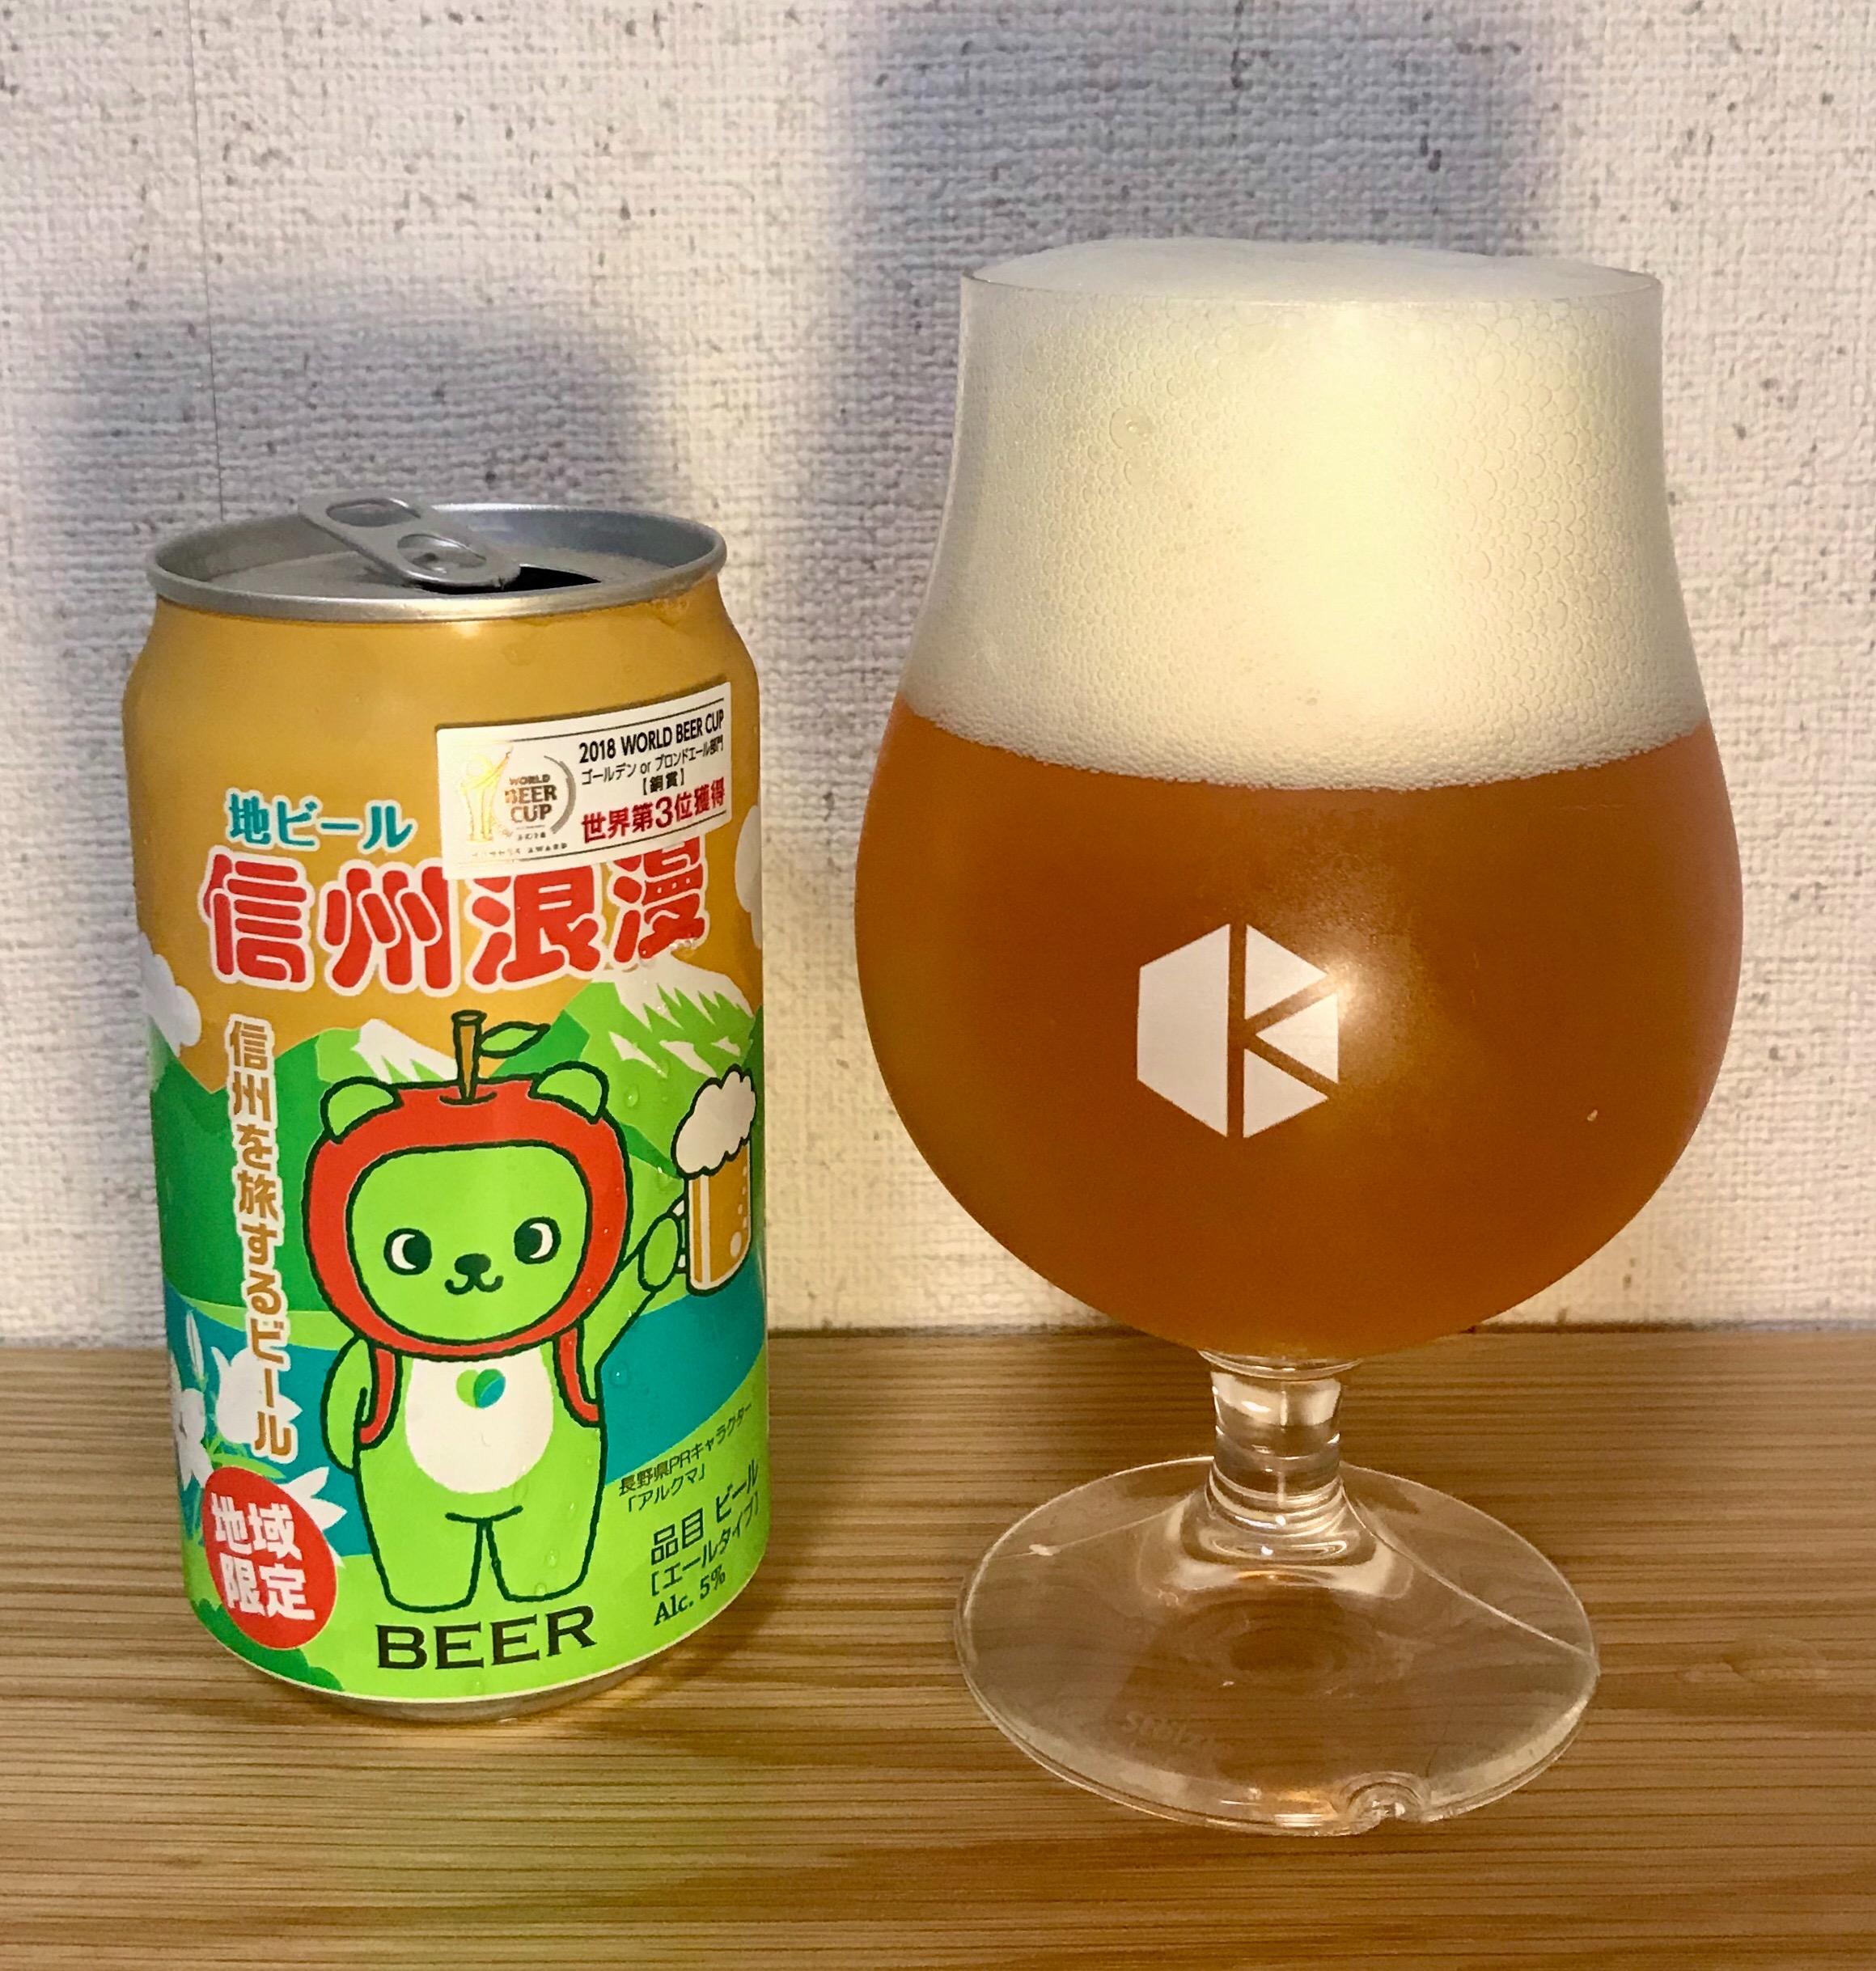 信州浪漫ビール オリジナルエール_麗人酒造_長野_Image